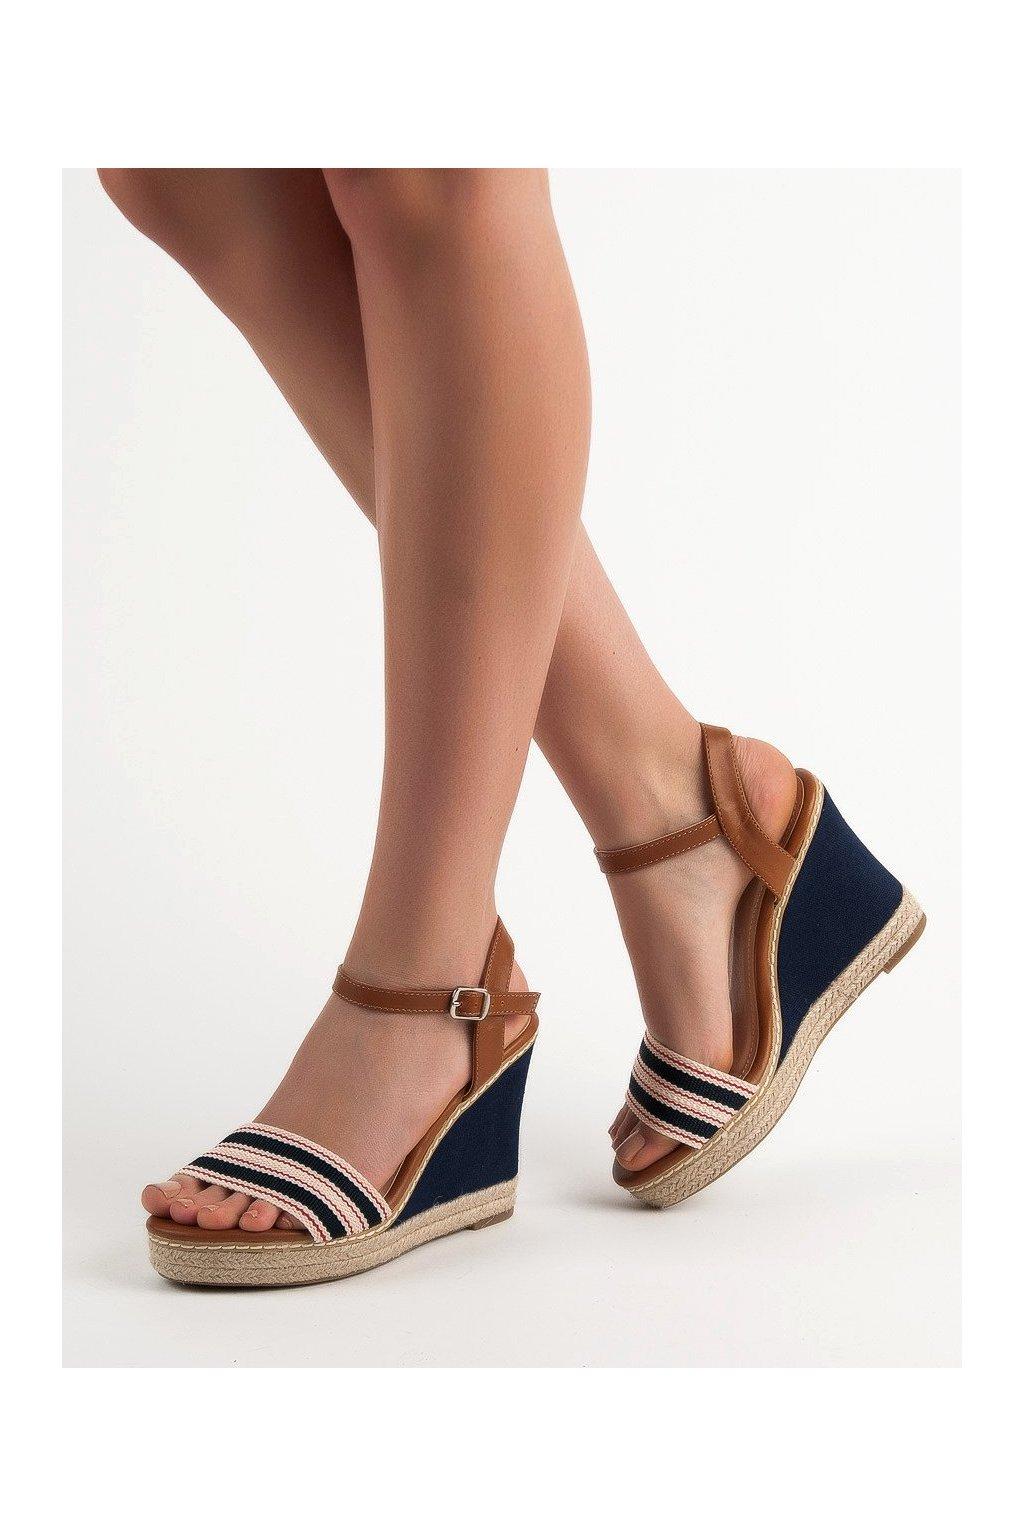 Modré sandále na platforme Primavera  NJSK 9068BL